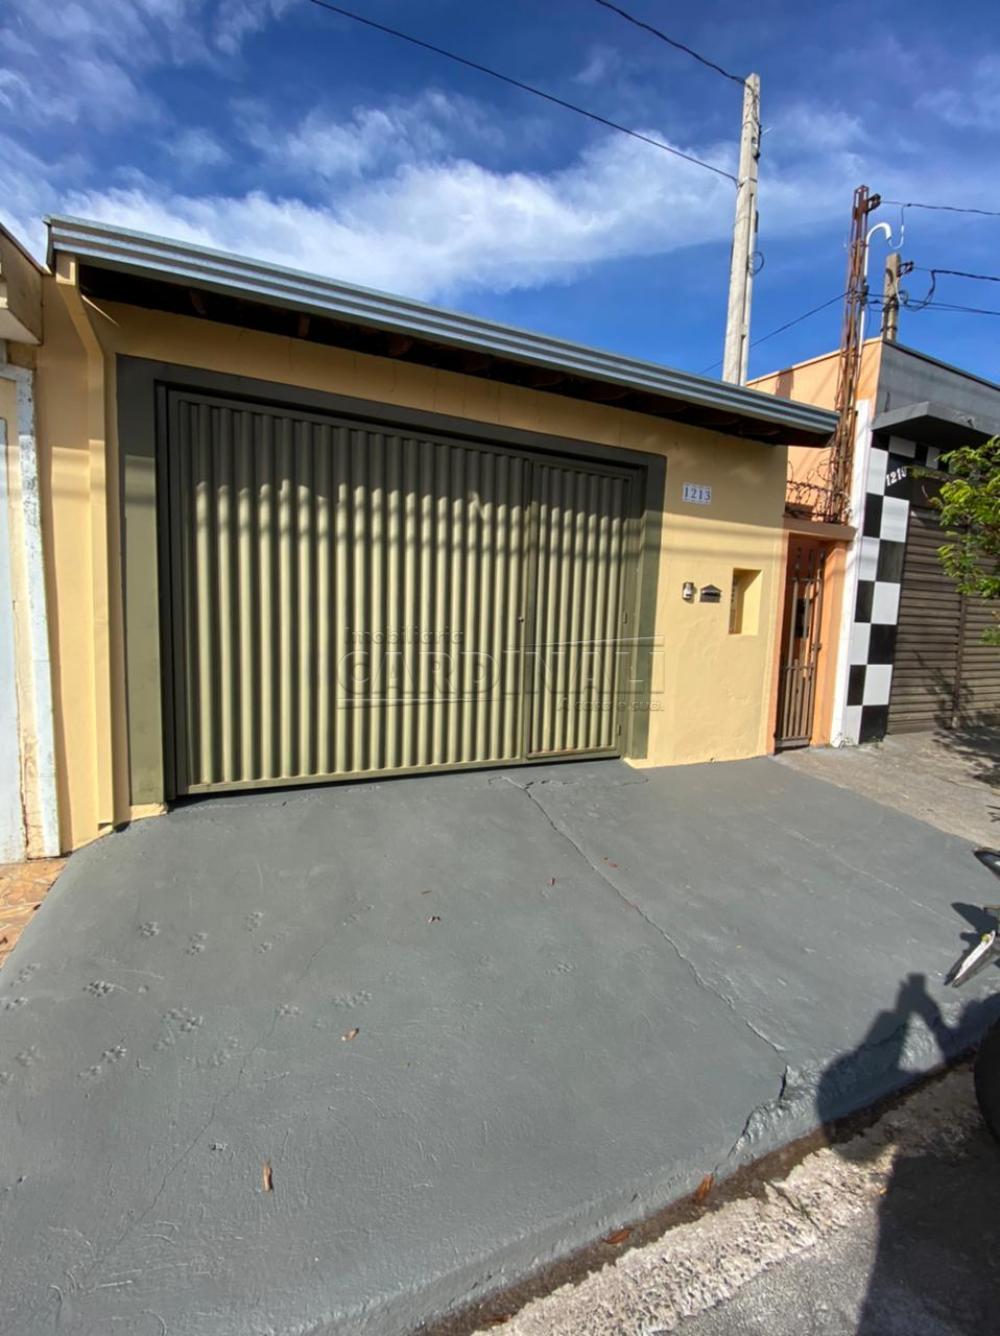 Alugar Casa / Padrão em São Carlos R$ 1.112,00 - Foto 1